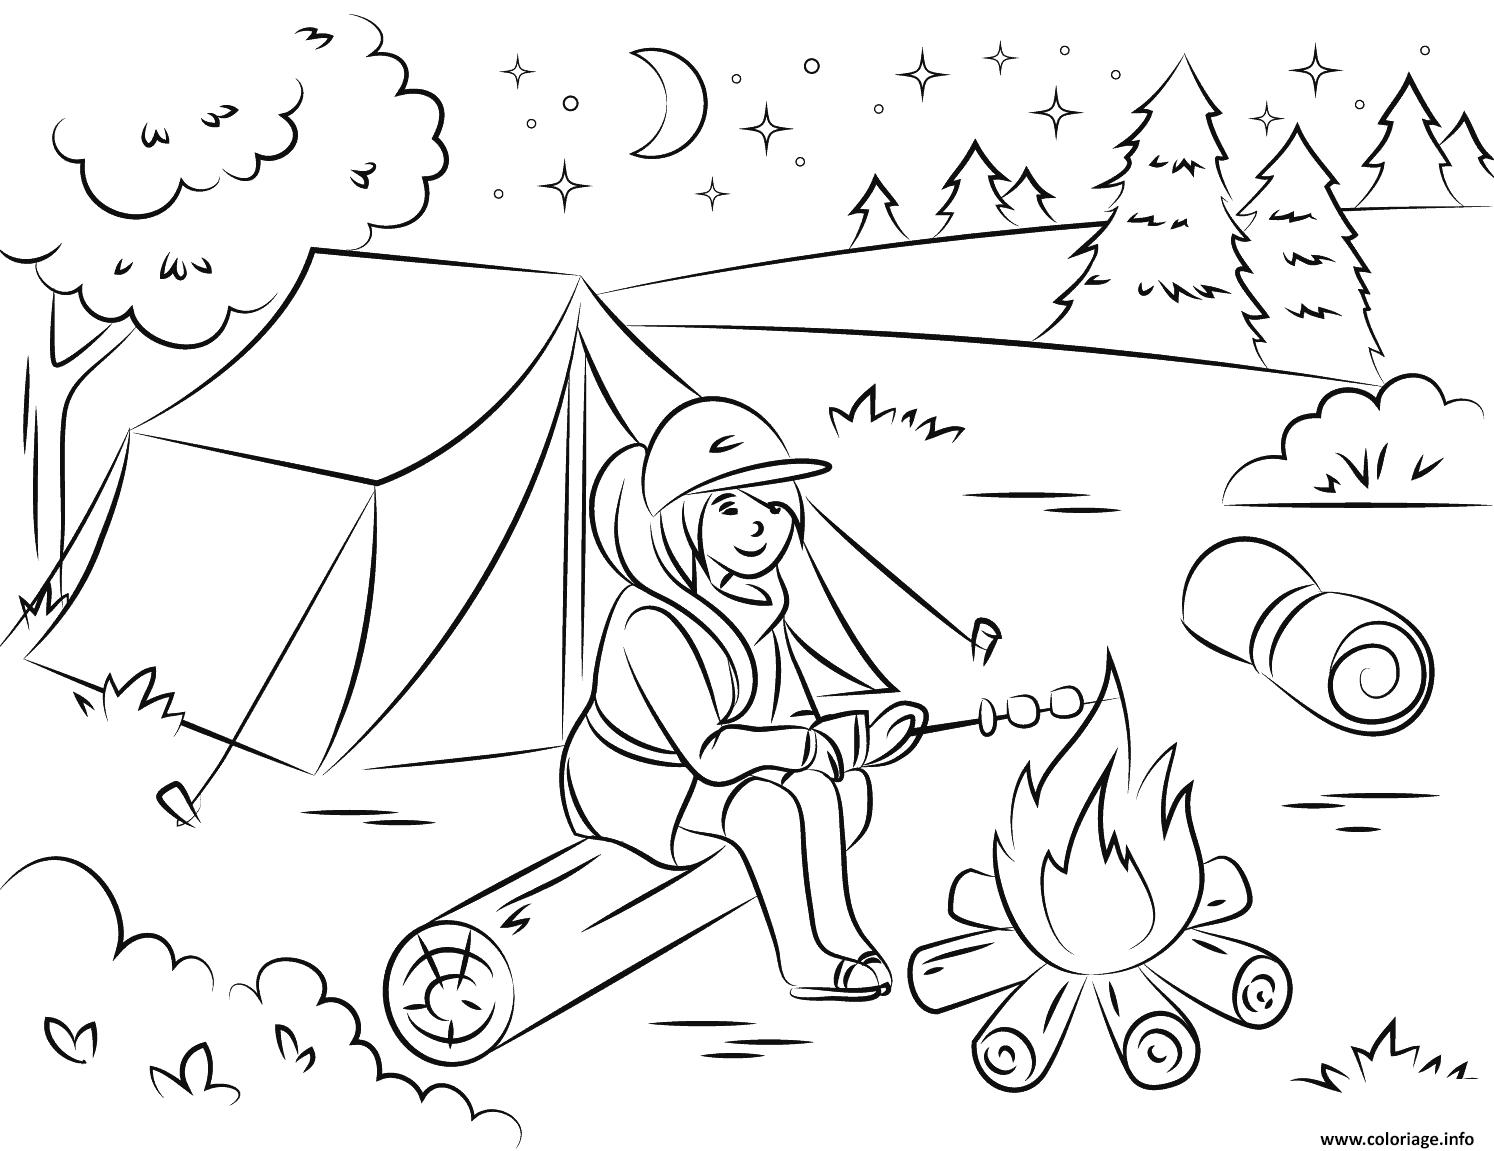 Dessin camping fille chauffe des guimauves ete vacance Coloriage Gratuit à Imprimer